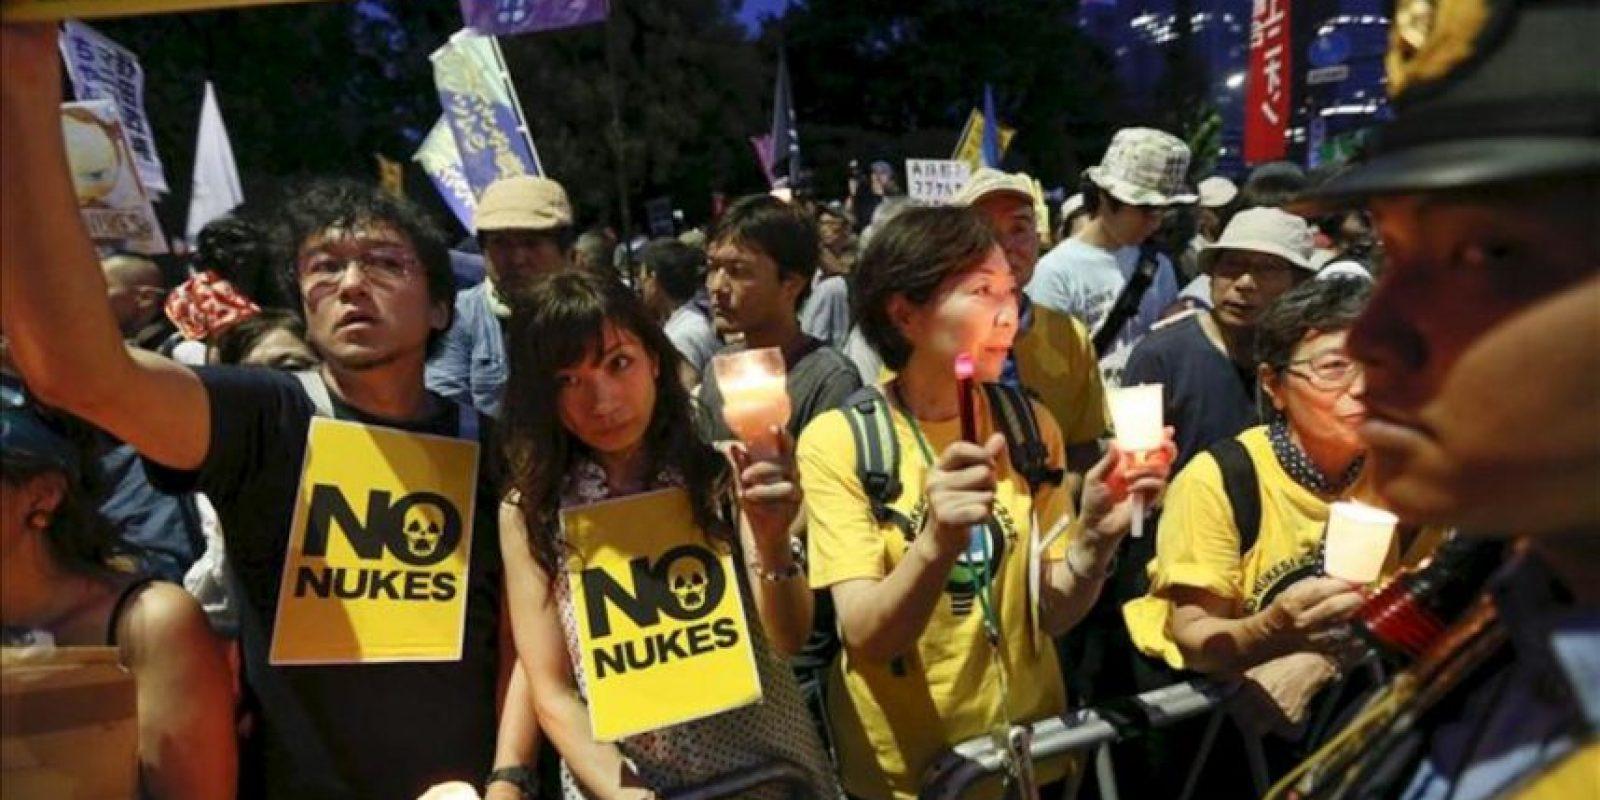 Manifestantes protestan hoy en contra de la energía nuclear frente al Parlamento en Tokio (Japón). EFE